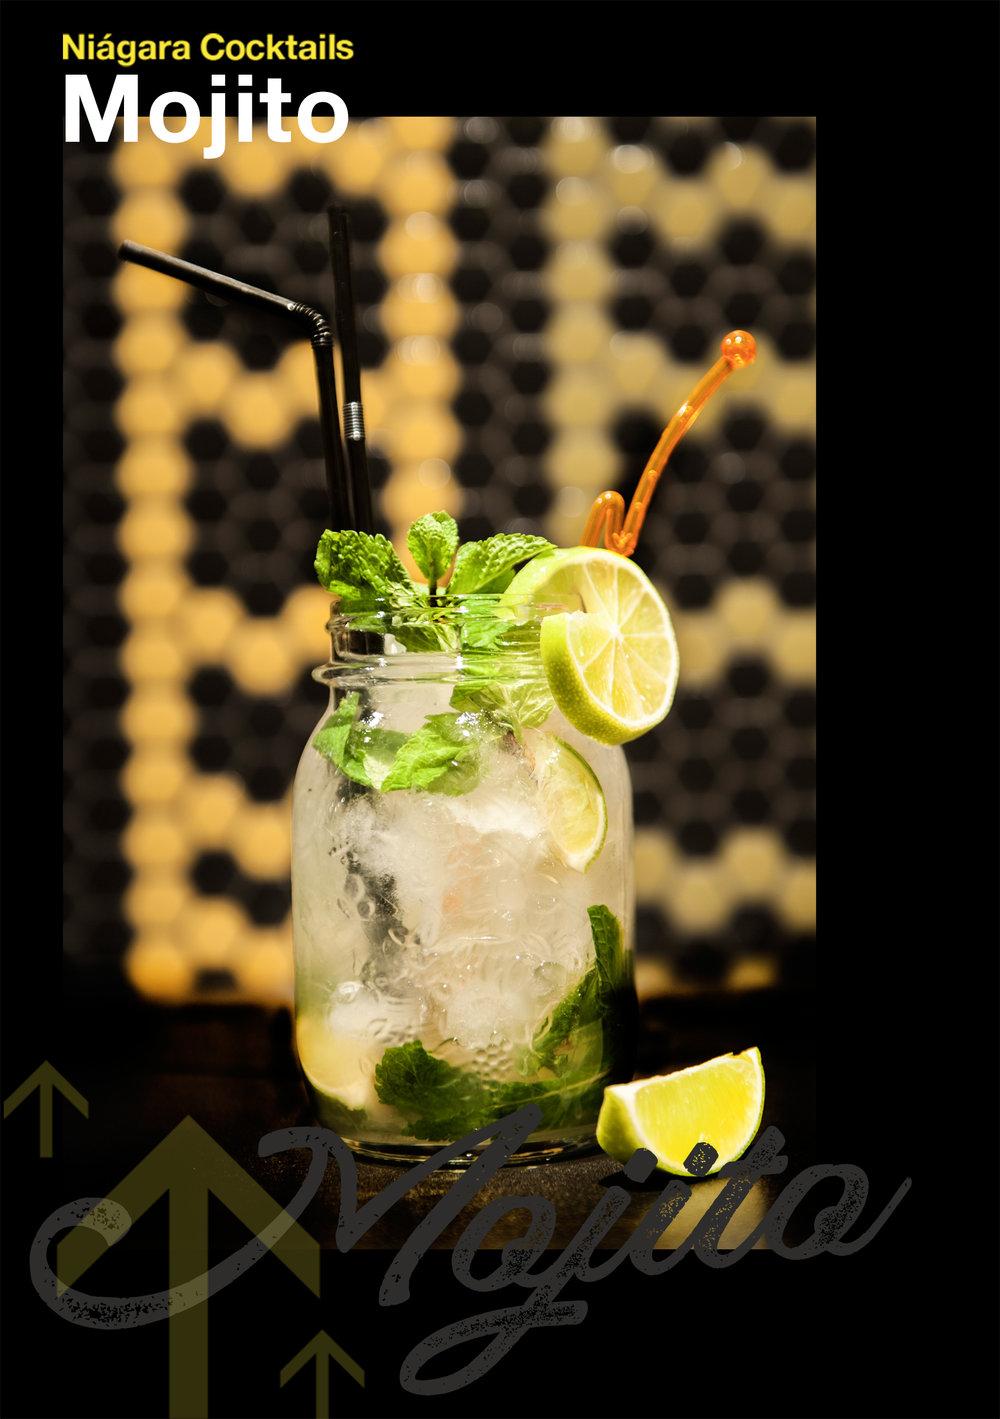 Un cubanocon solera - Comúnmente se piensa que el Mojito fue inventado por el restaurante cubano La Bodeguita del Medio por los años 30, pero los cubanos ya lo hacían antes de la aparición del local.Menta, limón, azúcar, soda, ron y mucho hielo. Desde Cuba hasta Santander, para las noches largas y calurosas… ¿Todavía no has probado nuestro mojito? No tardes, ¡es único!